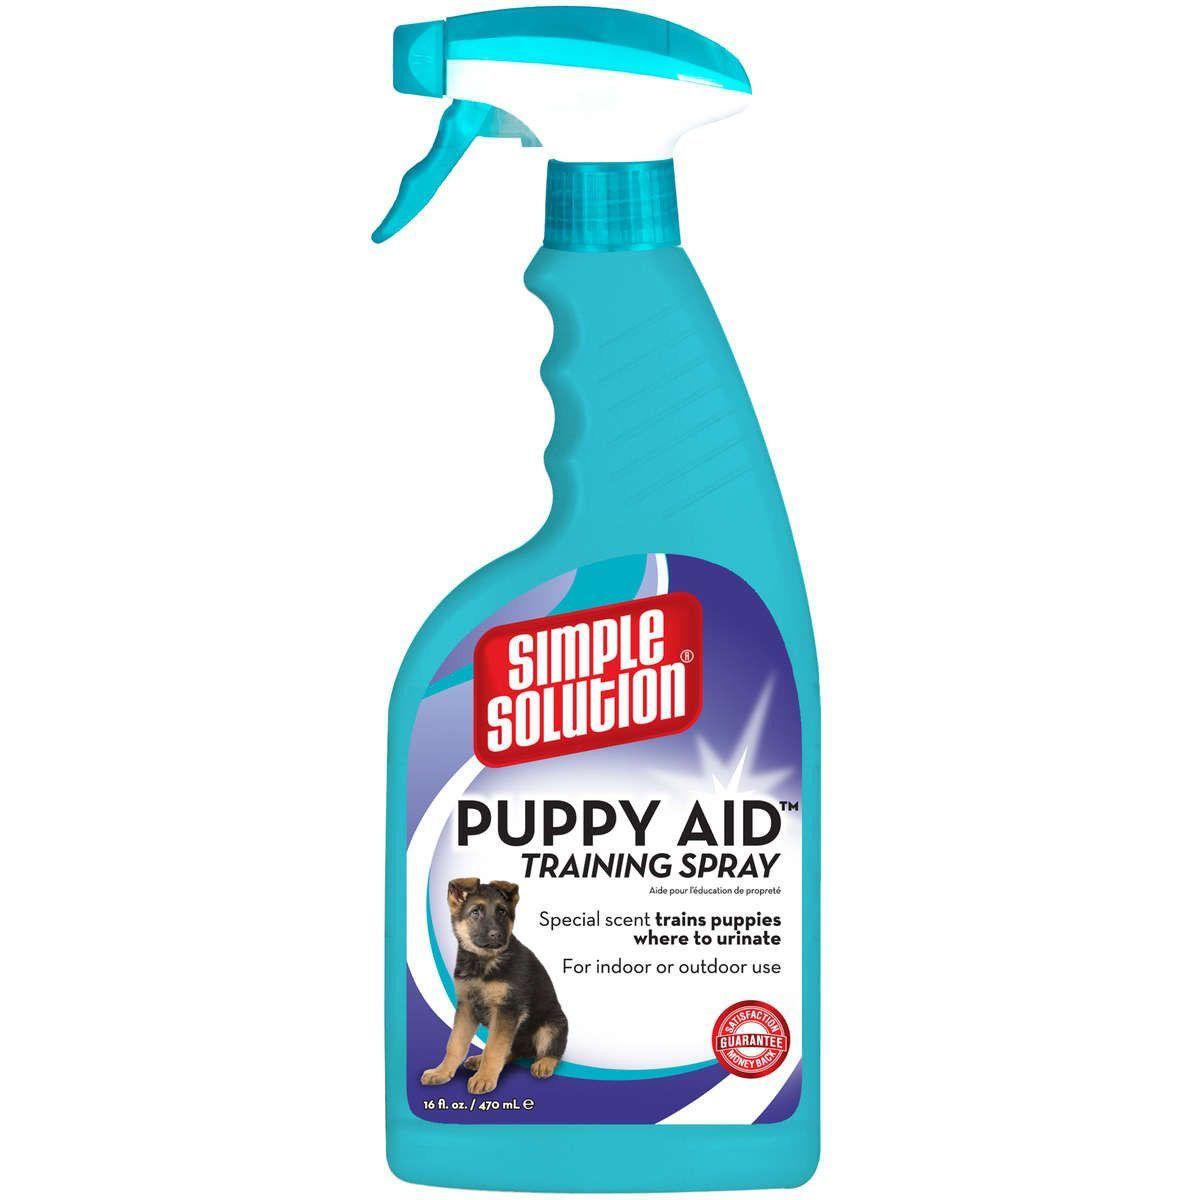 Simple Solution Puppy Aid Training Spray 16oz 1 7 X 3 9 X 11 Potty Training Puppy Dog Potty Training Puppy Pads Training